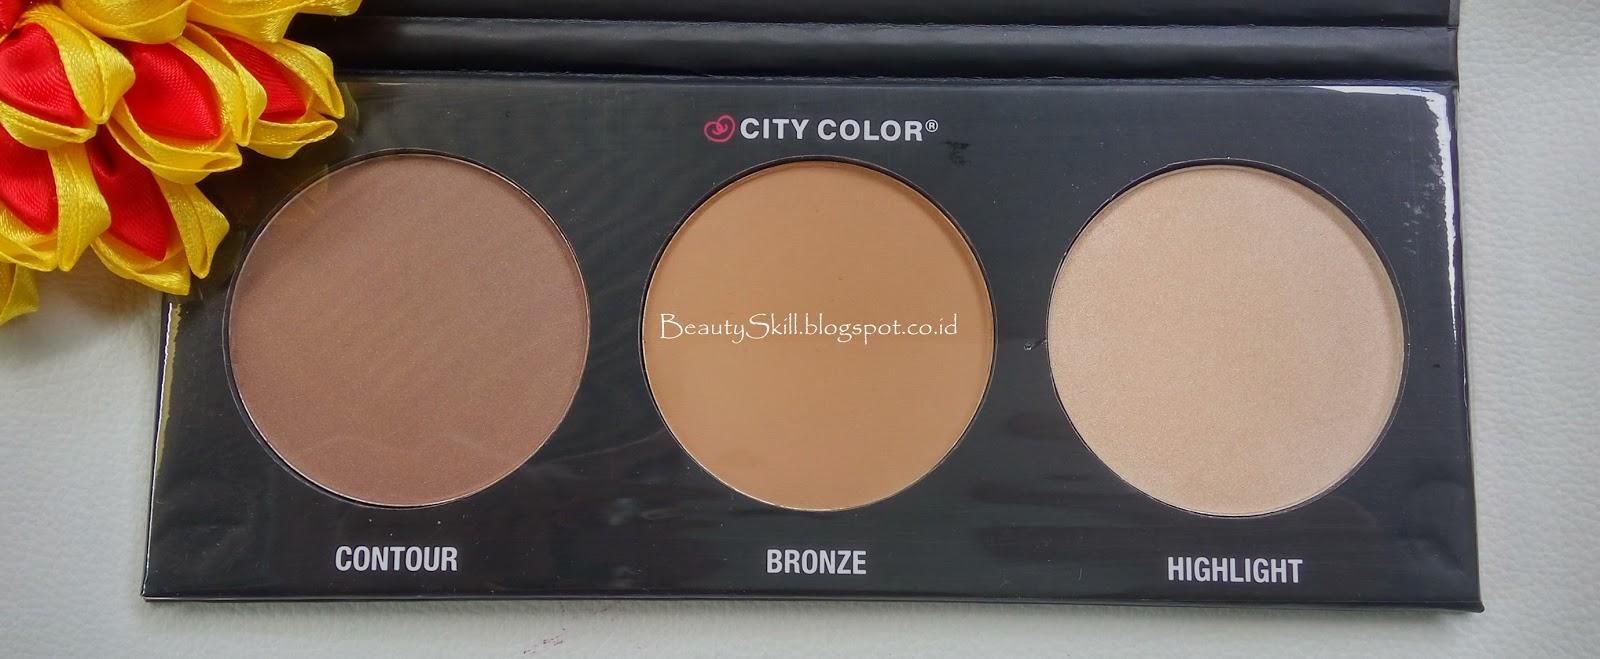 Review City Color Contour Effects 2 Tampil Cantik Palette Didalam 1 Ini Sudah Terdapat 3 Macam Yaitu Bronze Dan Highlight Menurutku Gak Rugi Sih Beli Inihehe Karena